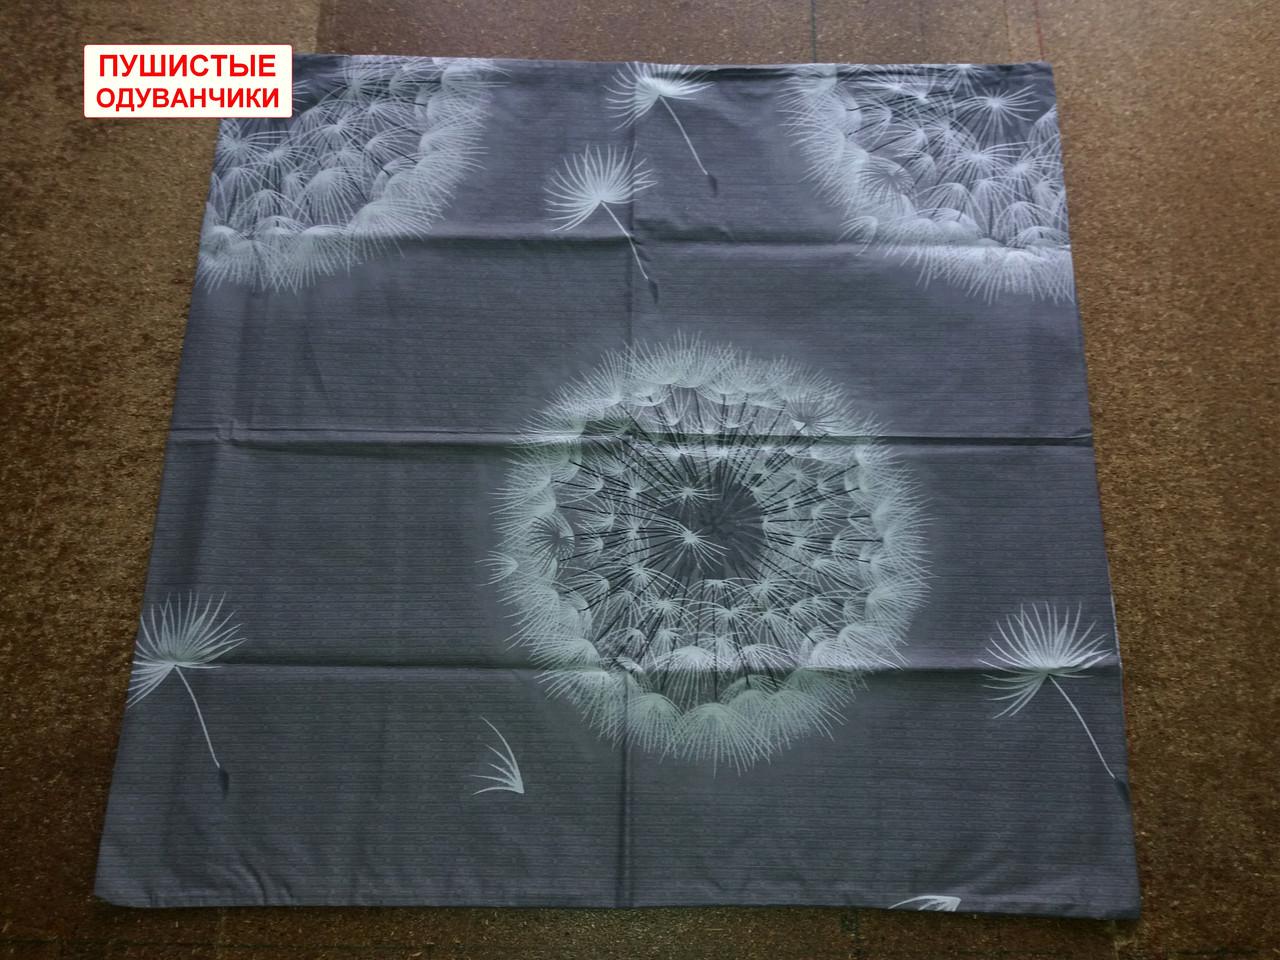 Наволочка бязь 70х70 - Пухнасті одуванчики, верх